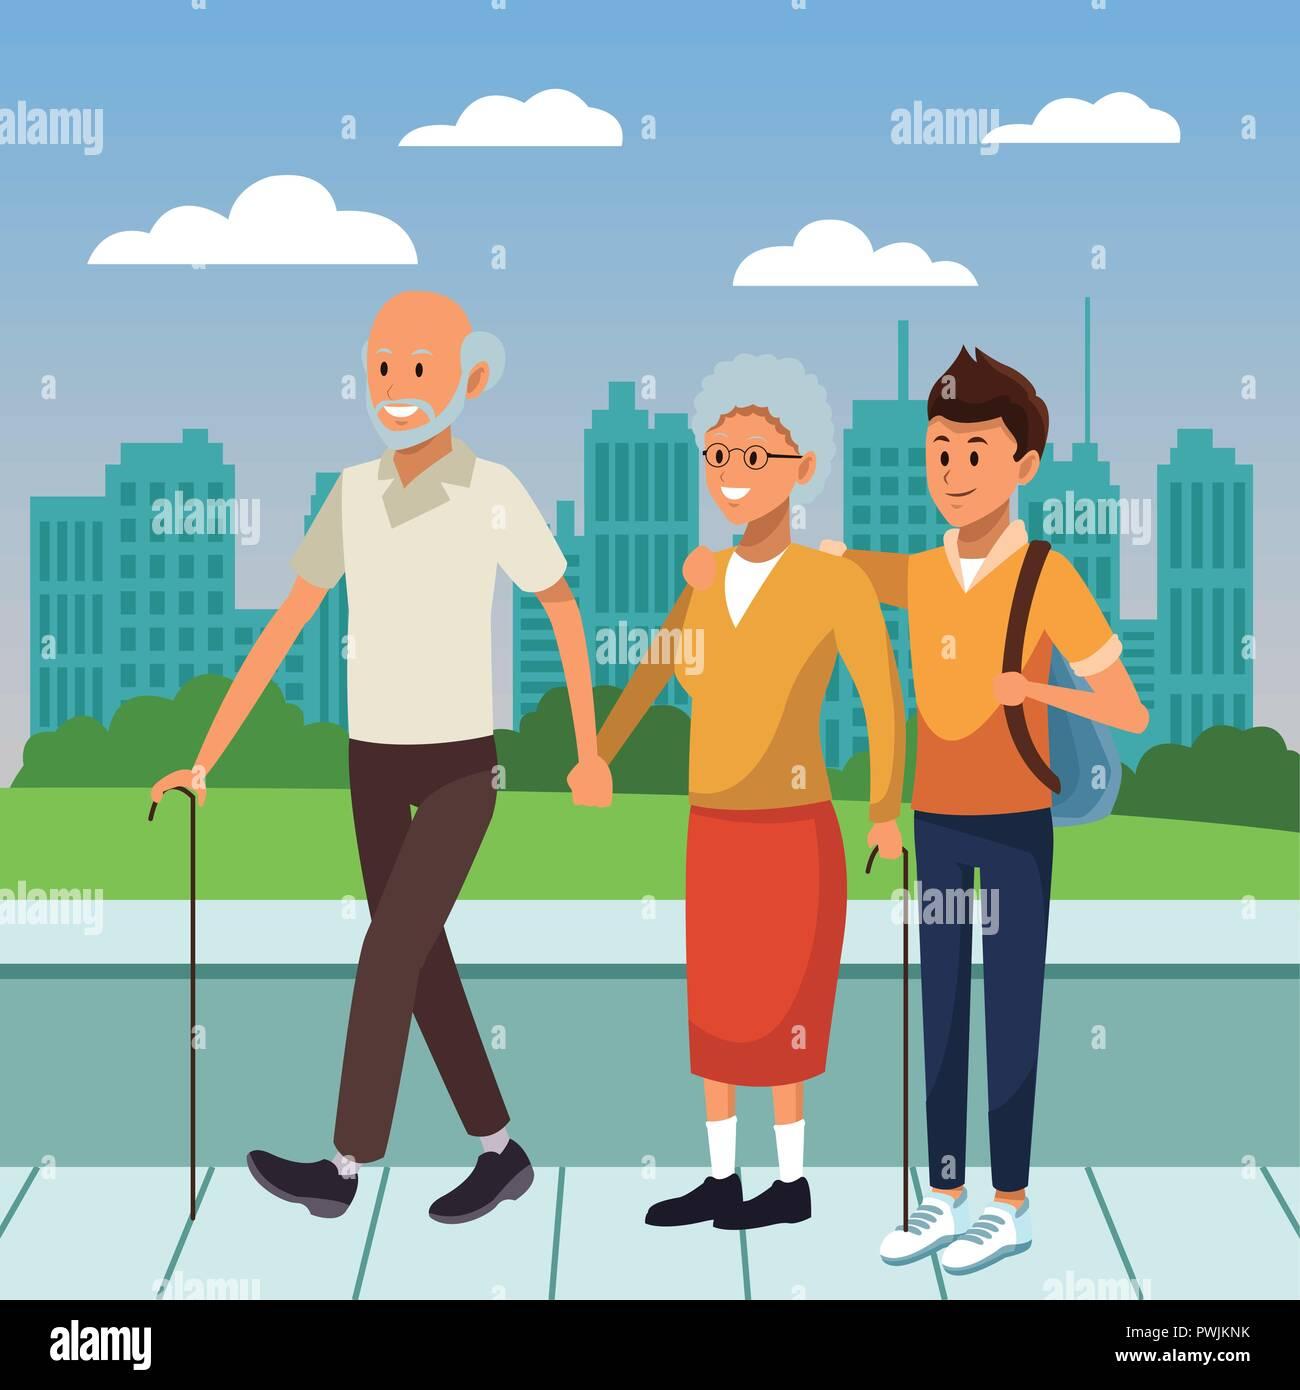 jeune personne en l u0026 39 accompagnement et l u0026 39 aide aux personnes  u00e2g u00e9es cartoon vector illustration